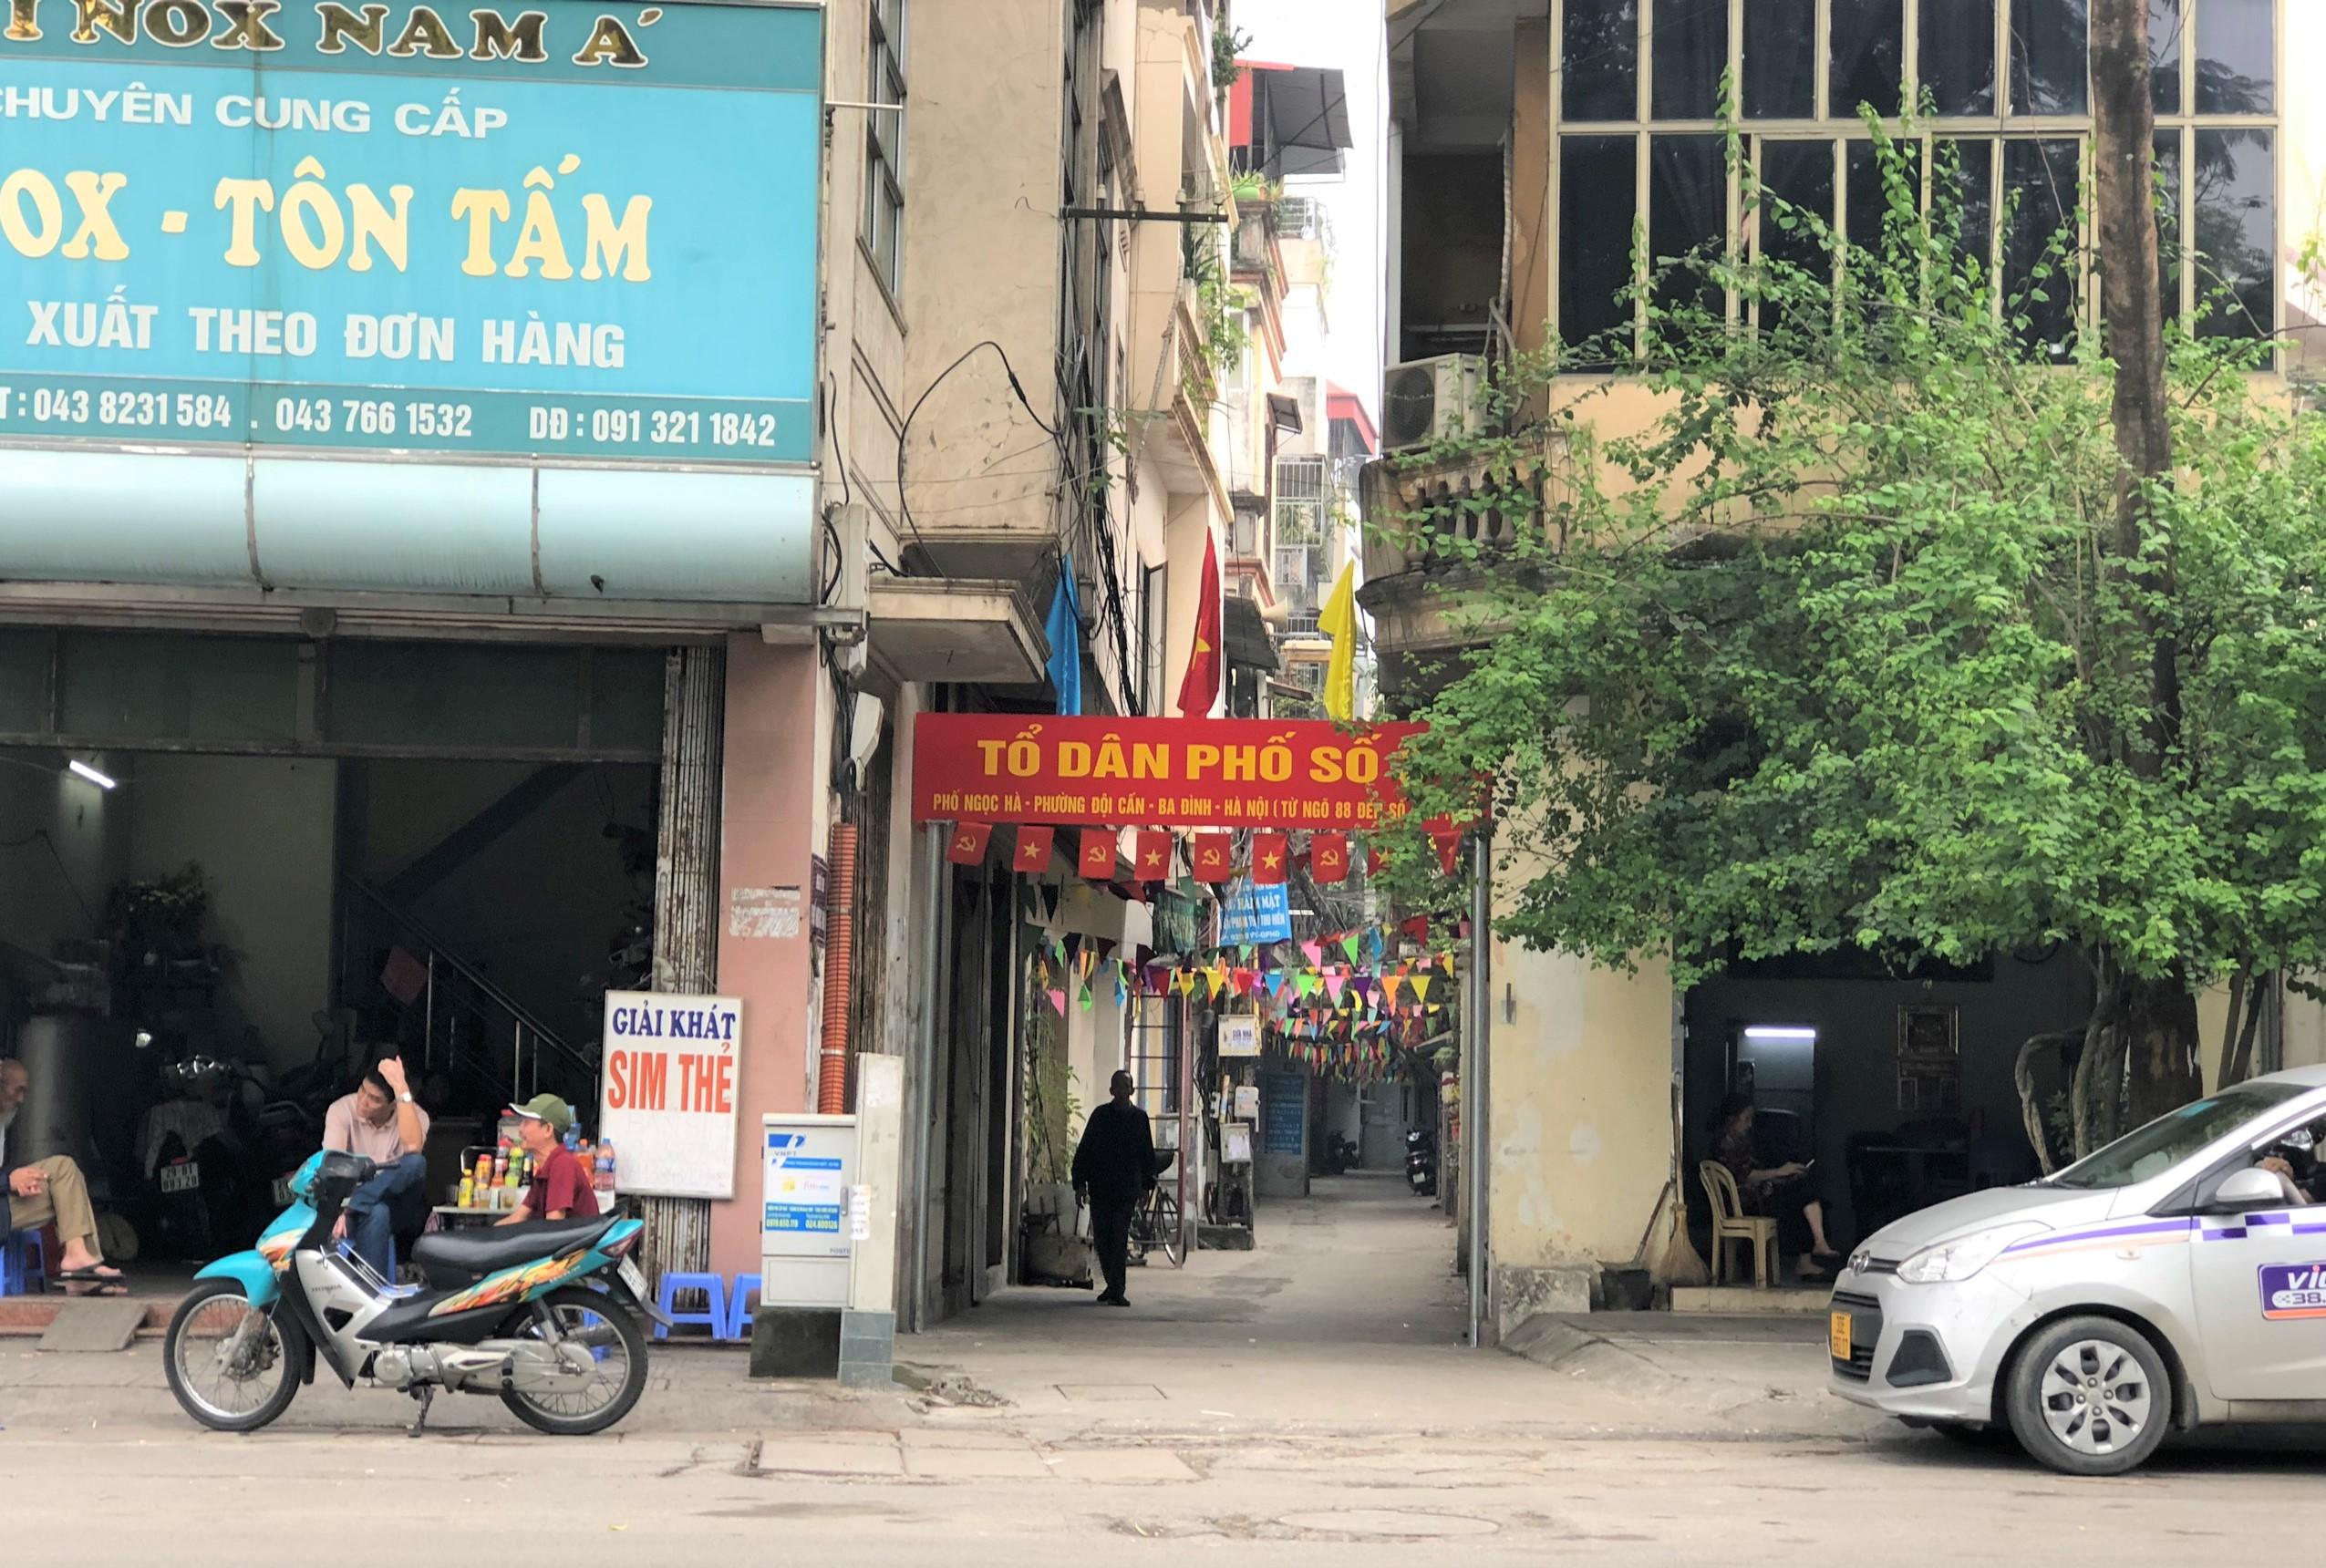 Đường sắp mở theo quy hoạch ở phường Ngọc Hà, Ba Đình, Hà Nội (phần 2): Đường nối ngõ 279 Đội Cấn - phố Ngọc Hà  - Ảnh 12.